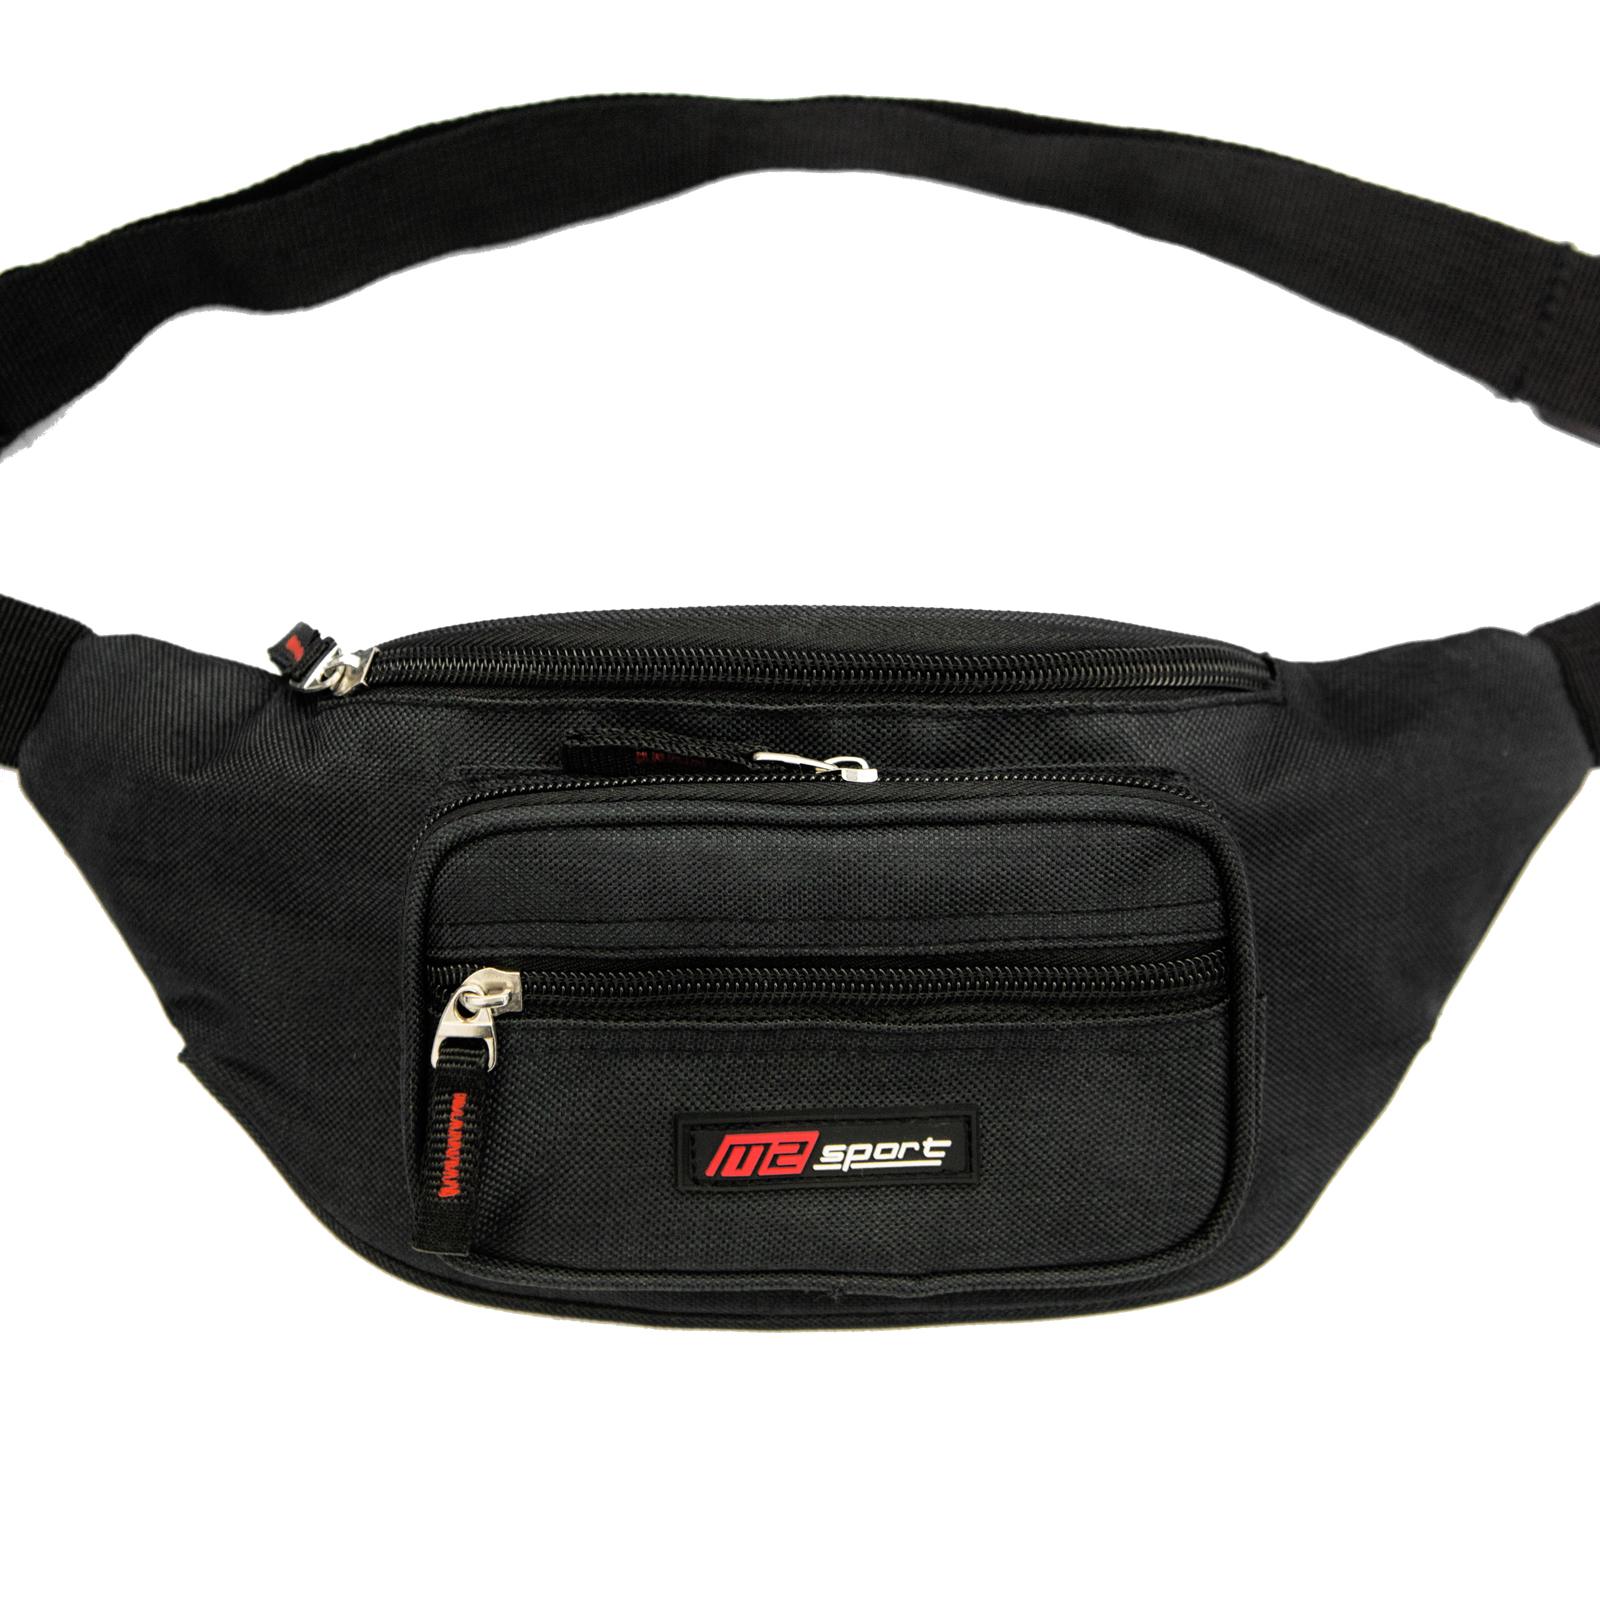 am besten authentisch gut aus x UK-Shop Bauchtasche Umhängetasche Tasche Handtasche Sporttasche Herren Damen Männer  Bag